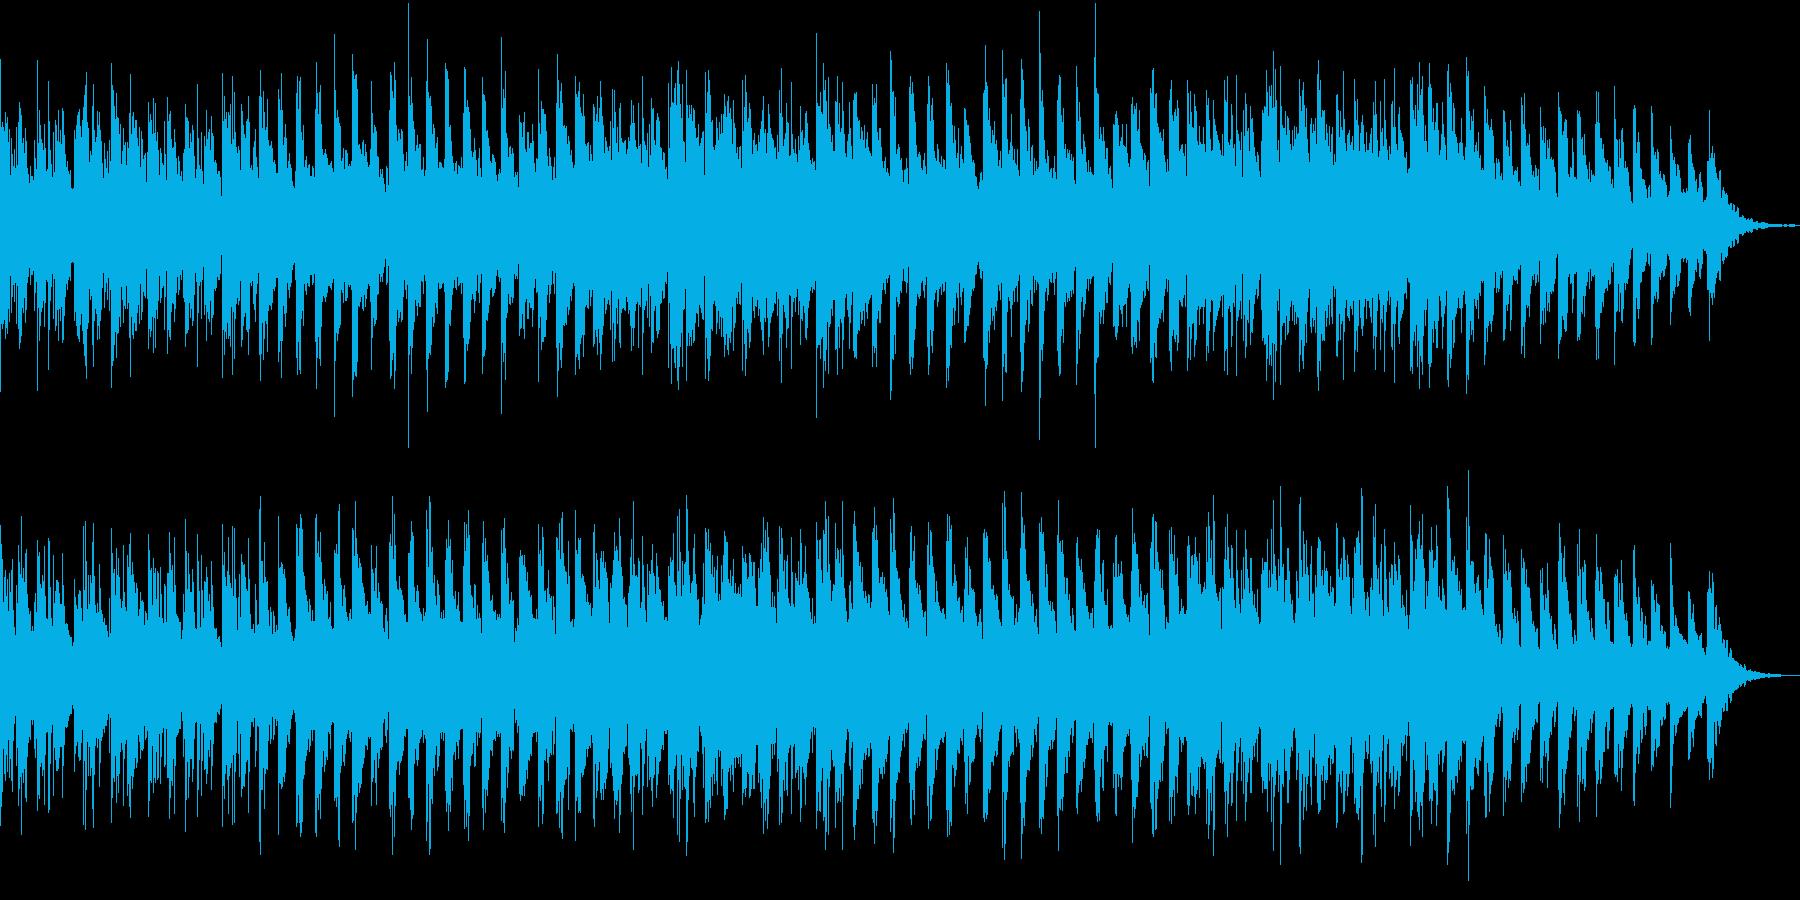 回想・再会シーン向けアコースティック曲の再生済みの波形